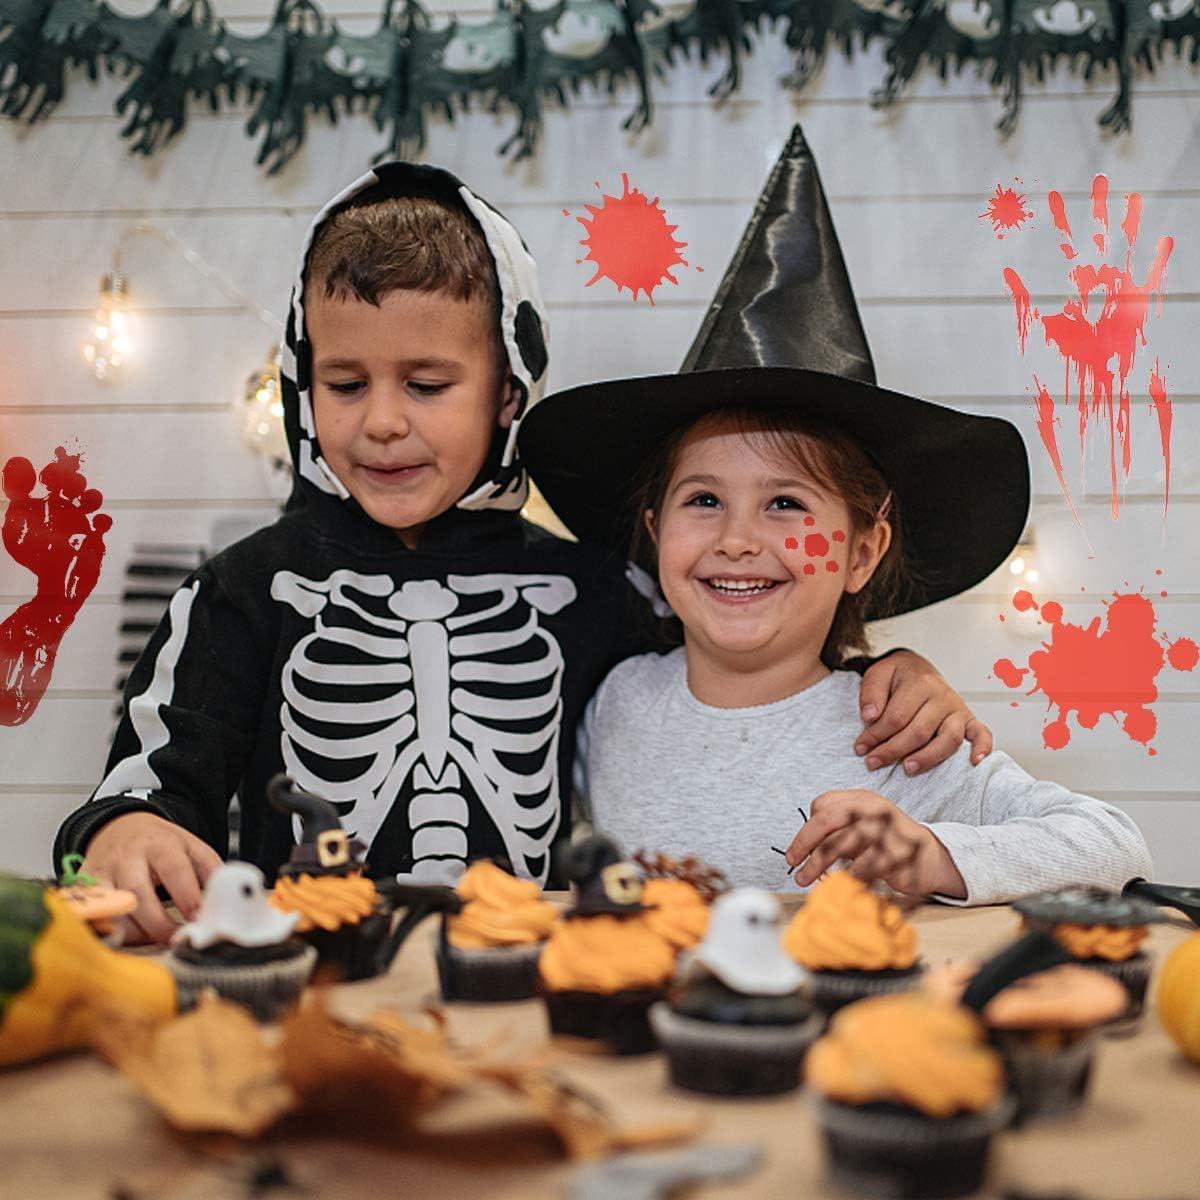 Calcoman/ías de Ventana de Terror de Halloween M/ás Asustadizo Etiqueta Decoraci/ón Horror Ba/ño Adhesivos Engomadas para Decoraciones de Fiesta de Halloween FORMIZON 10 Piezas Huellas Sangrientas